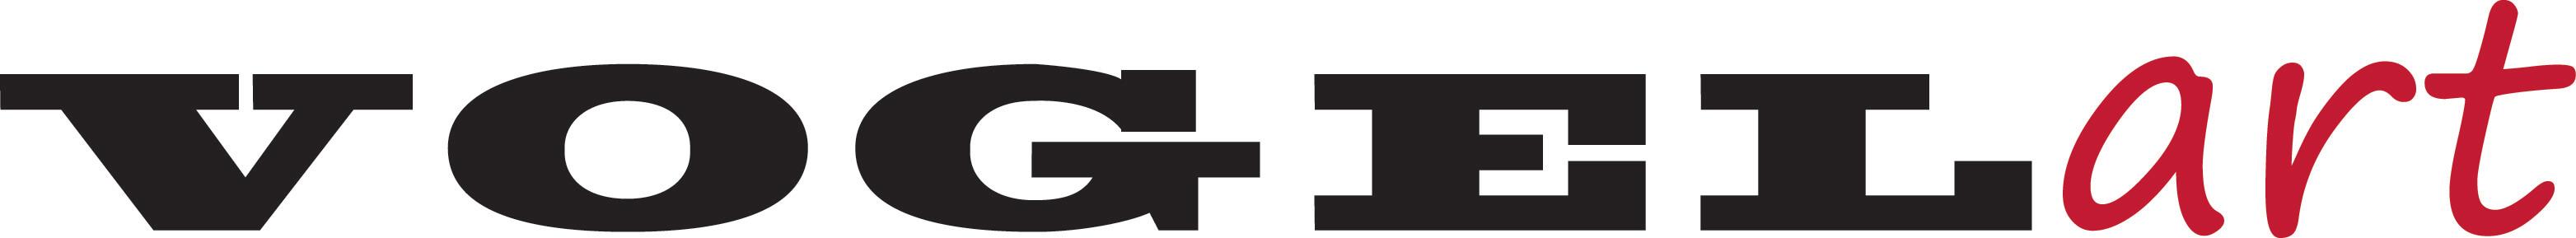 VogelArt Logo